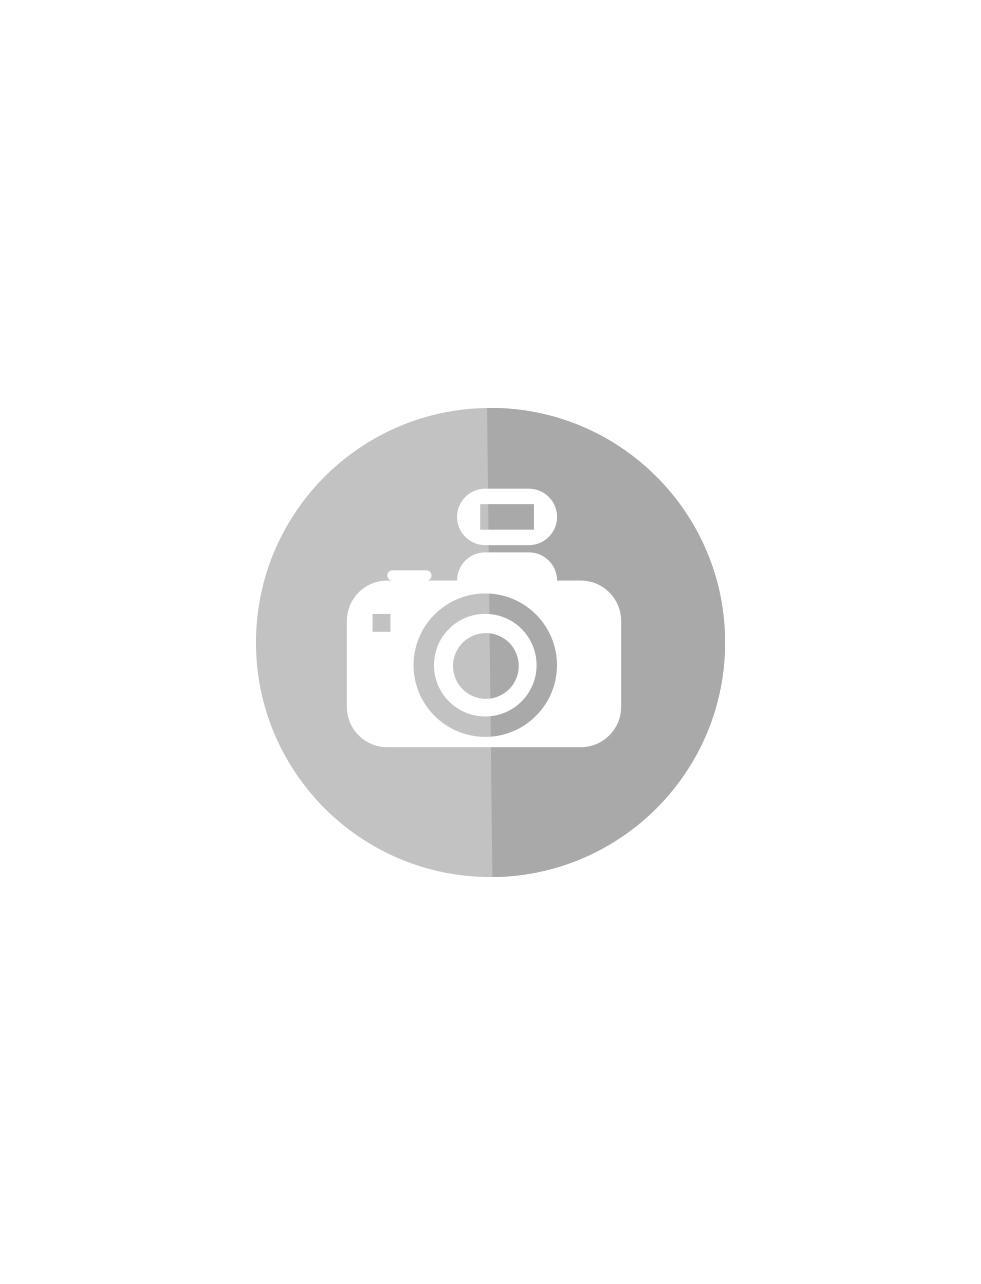 30058412_sparepart/Regaleinsatz-Hängeregal